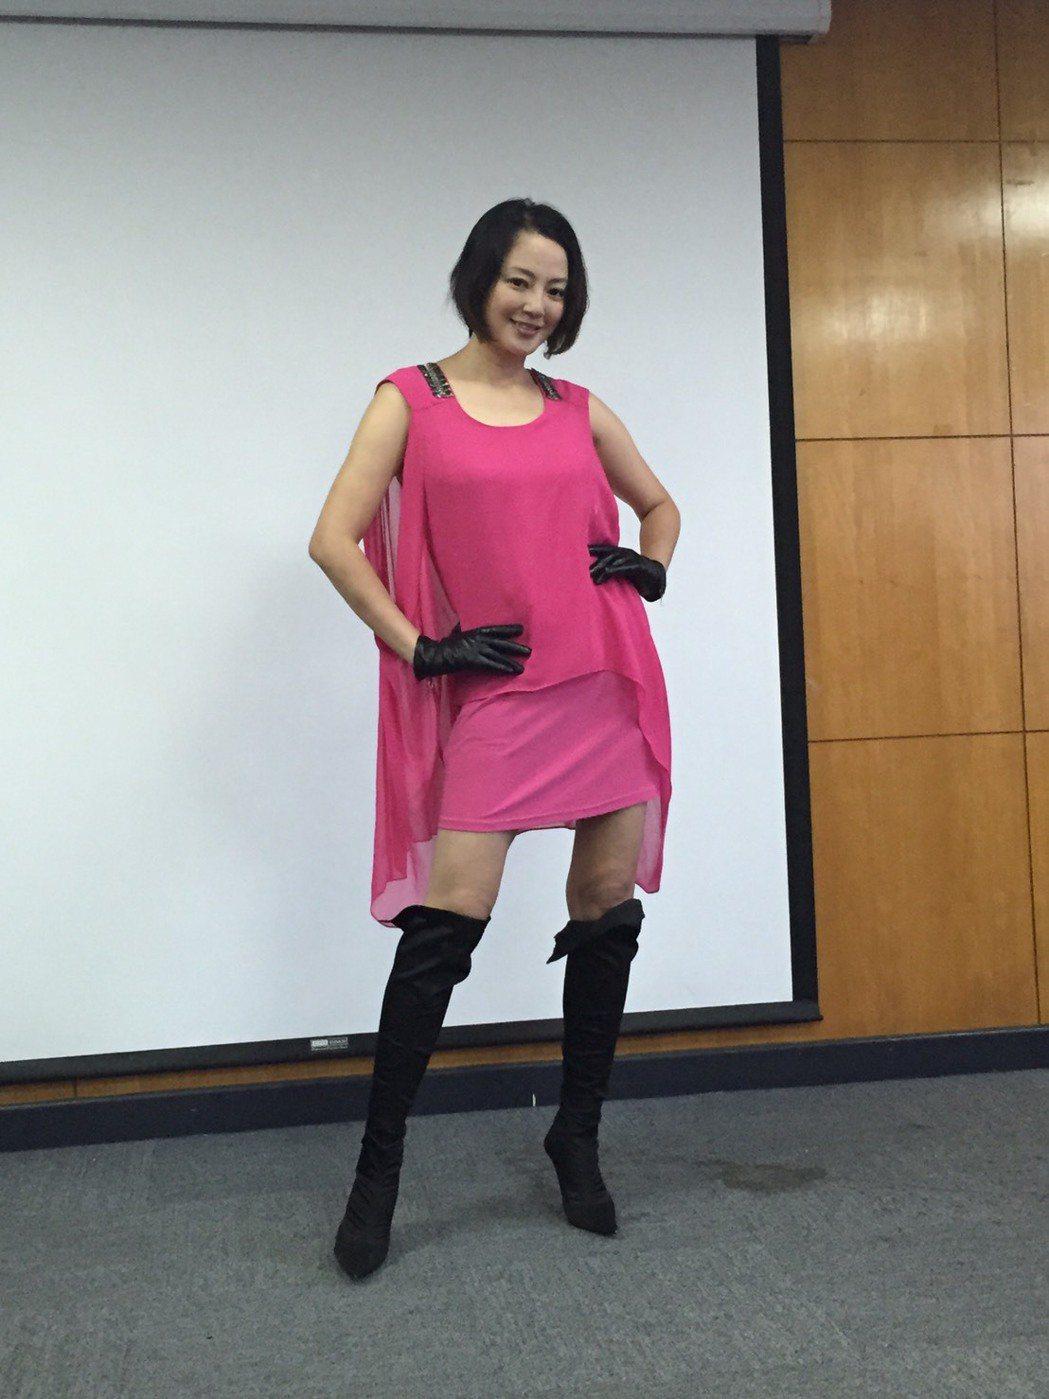 傅天穎積極復出演藝圈,最近還減肥3公斤,秀出修長美腿。記者陳慧貞/攝影